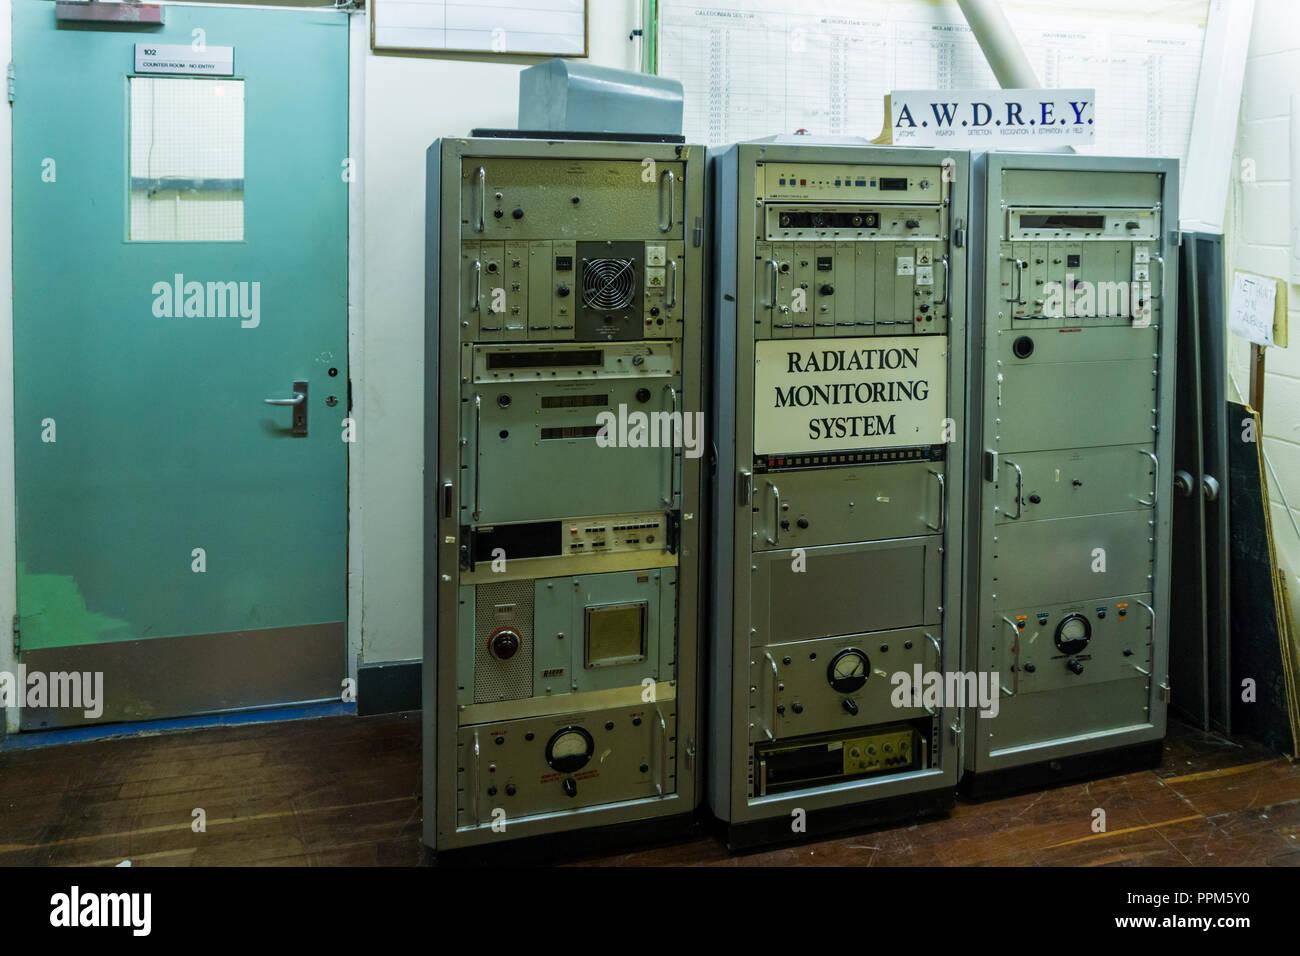 A.-W.D.R.E.Y., atomare Waffen Erkennung Erkennung und Einschätzung der Ertrag in einen kalten Krieg Atombunker. Stockbild